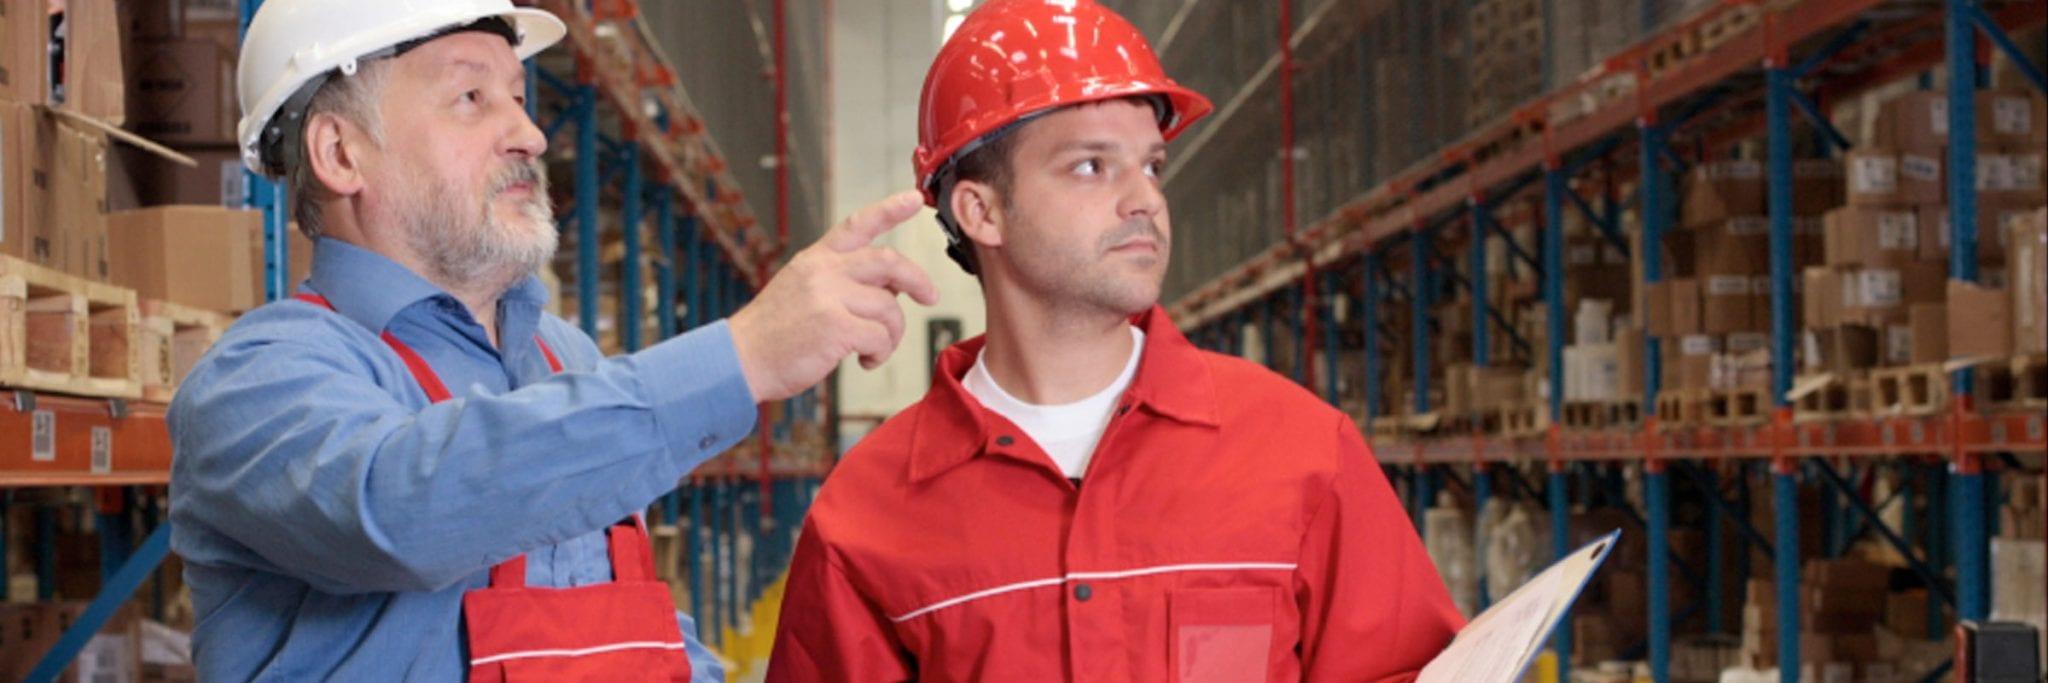 Sécurité - Inspecteur en prévention des accidents sur lieux de travail